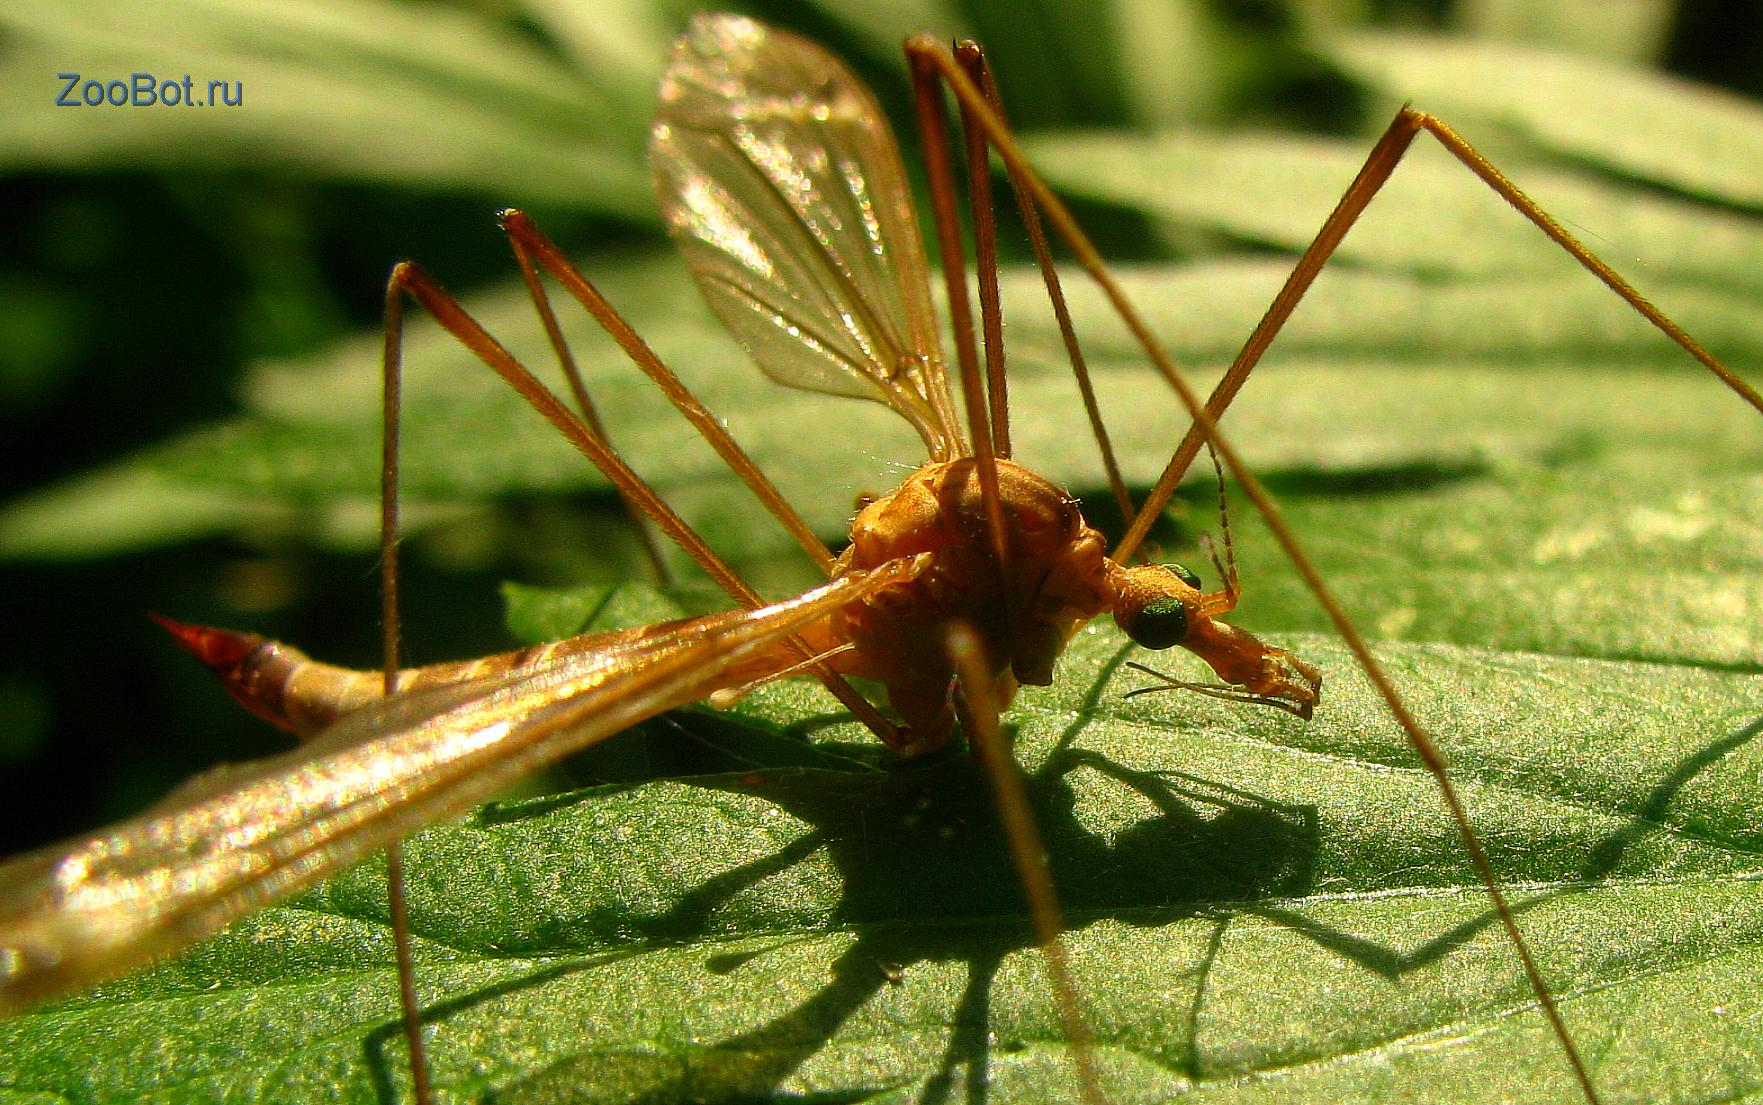 Комар долгоножка - отличительный особенности и фото насекомого